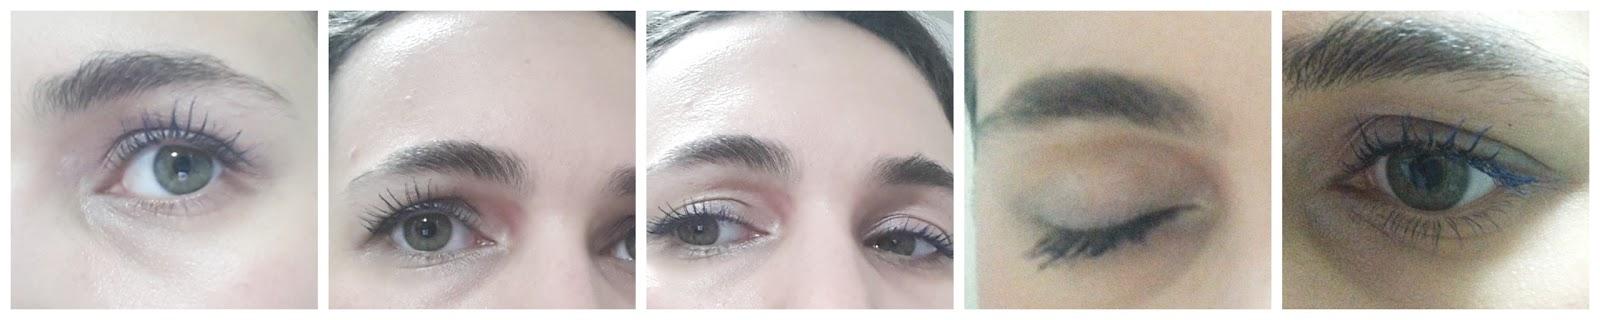 Avon Mega Effects Mascara uygulama